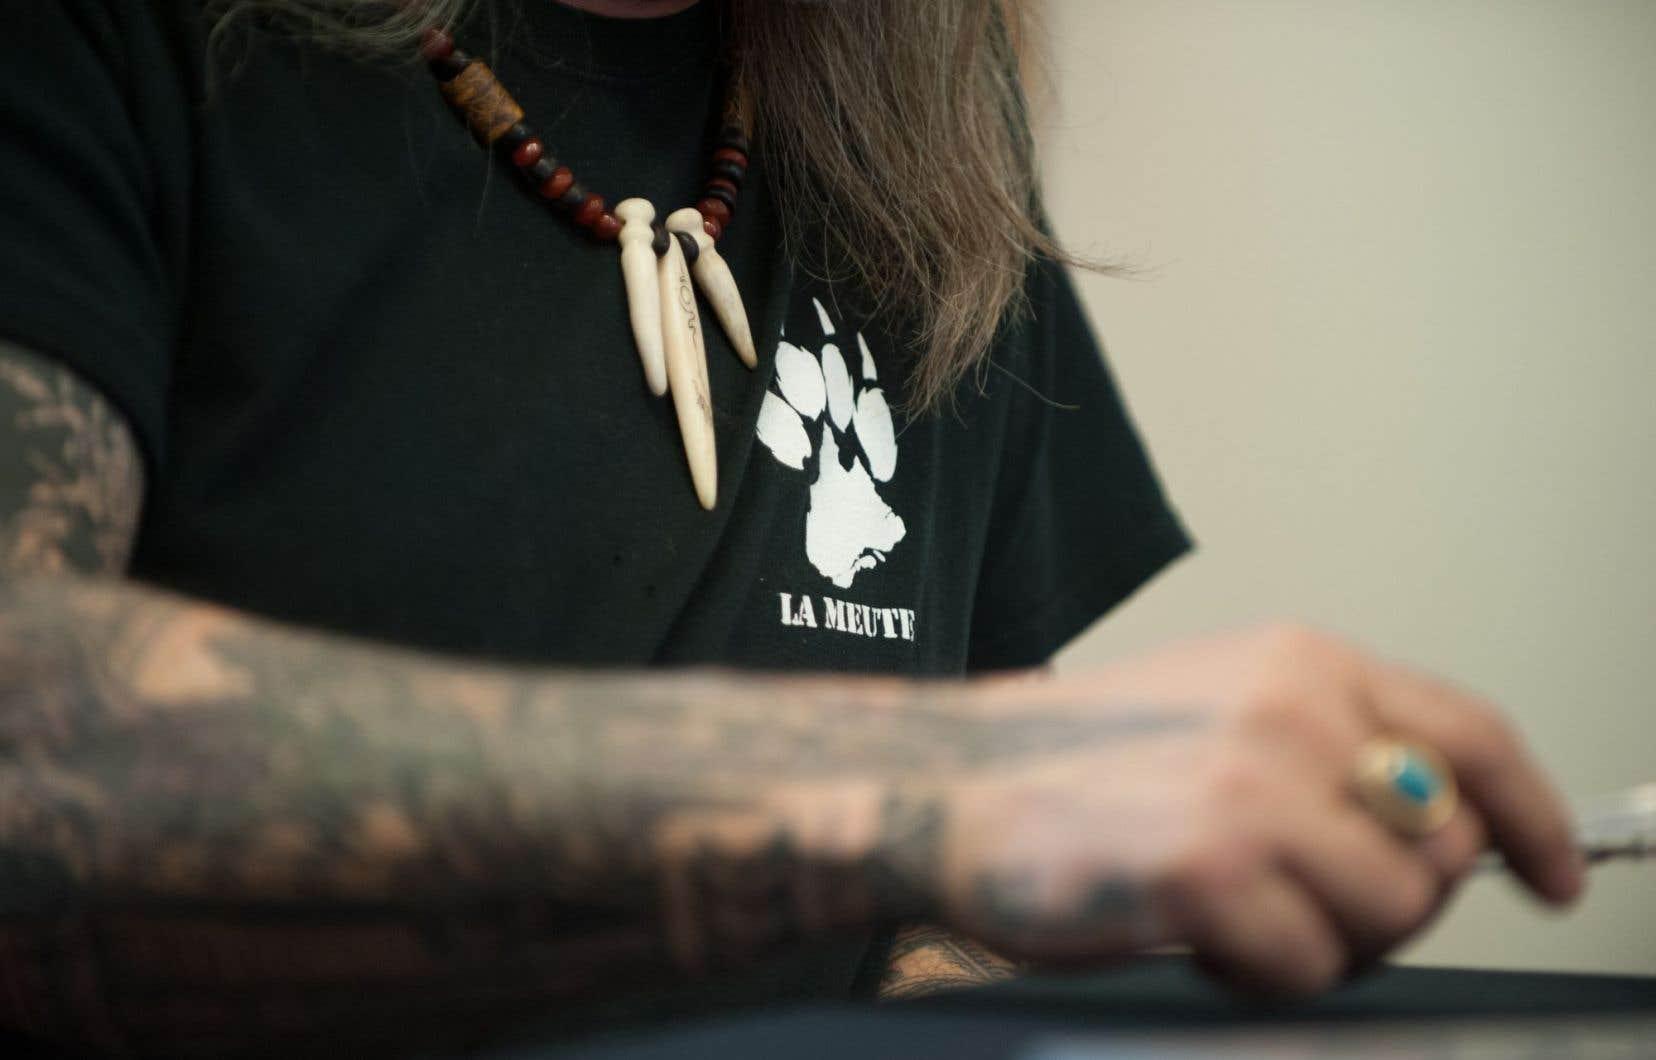 La patte du loup, symbole du groupe La Meute